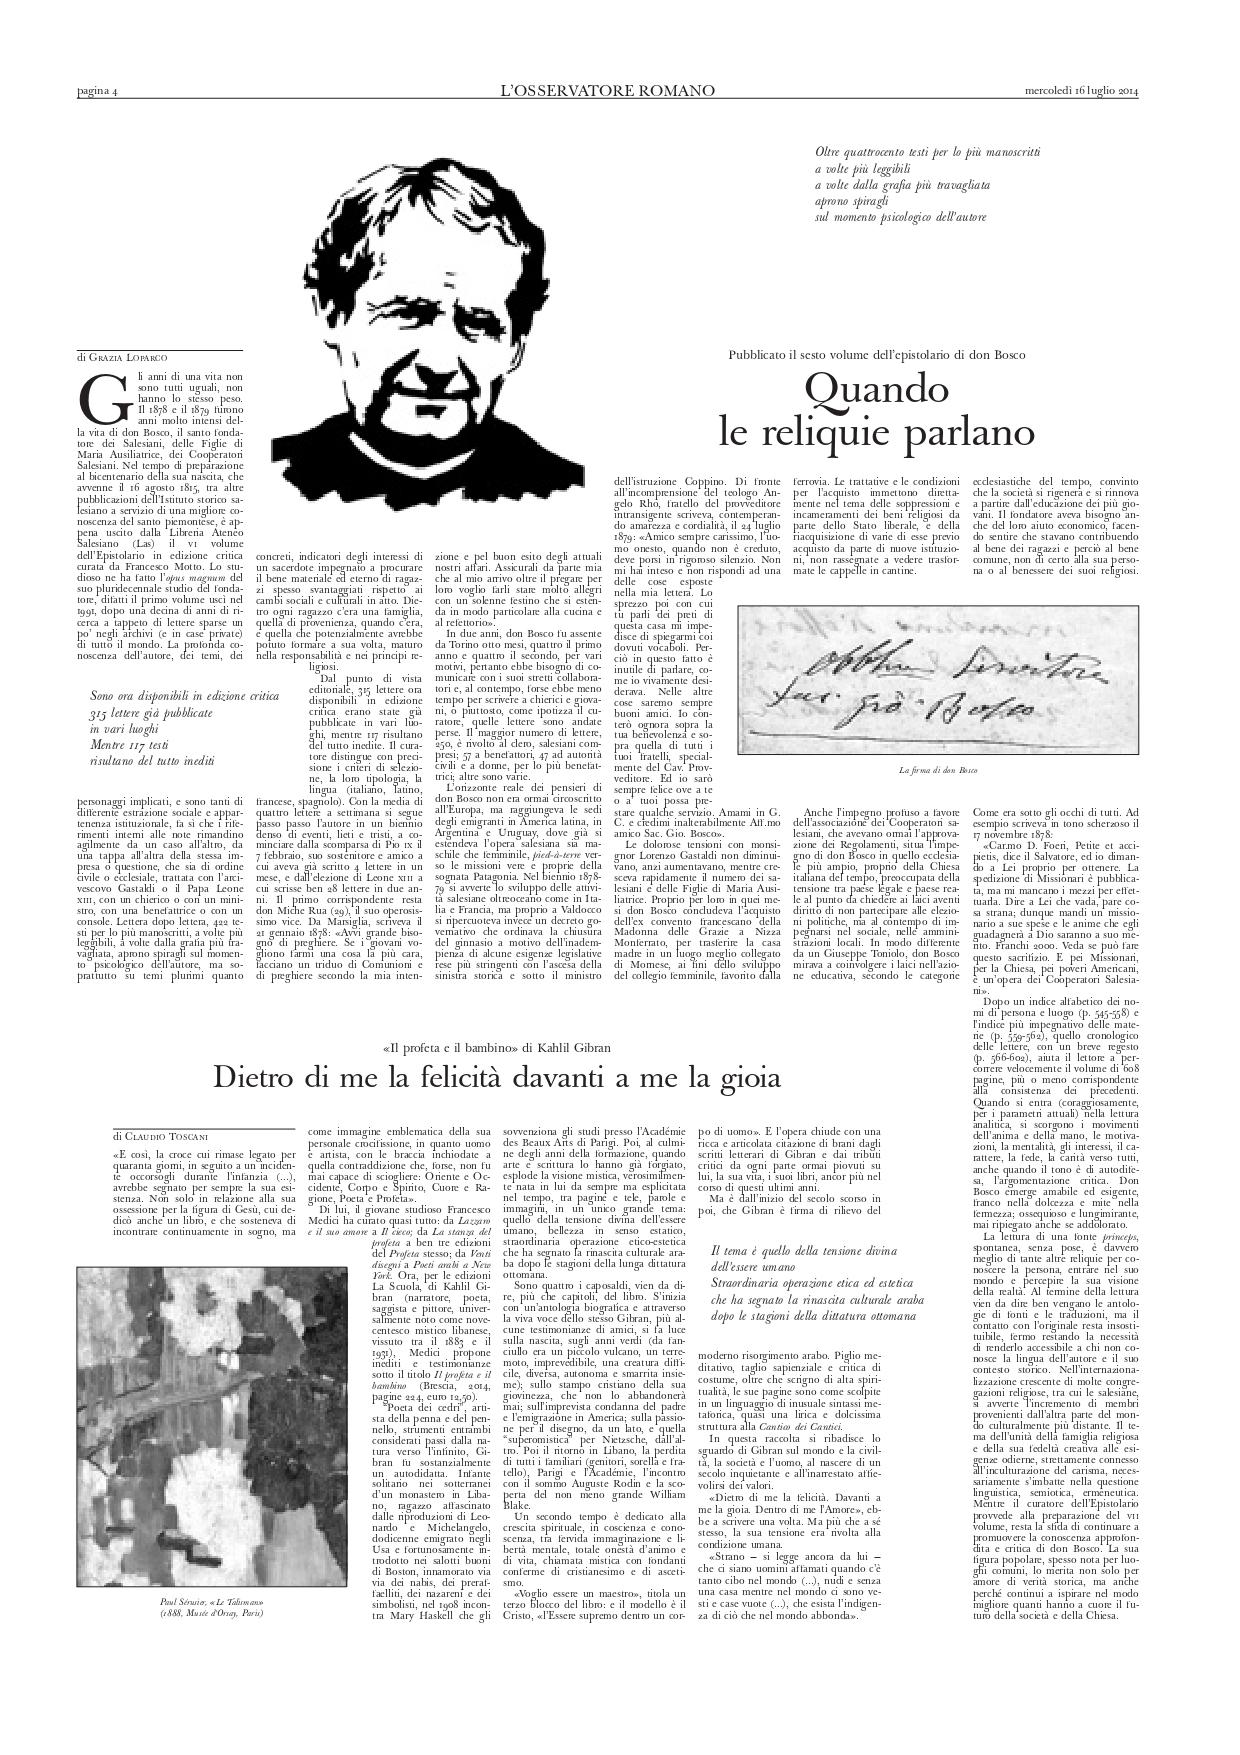 """Claudio Toscani, """"Il profeta e il bambino di Kahlil Gibran: 'Dietro di me la felicità davanti a me la gioia'"""", L'Osservatore Romano, Jul 16, 2014, p. 4 (review)"""